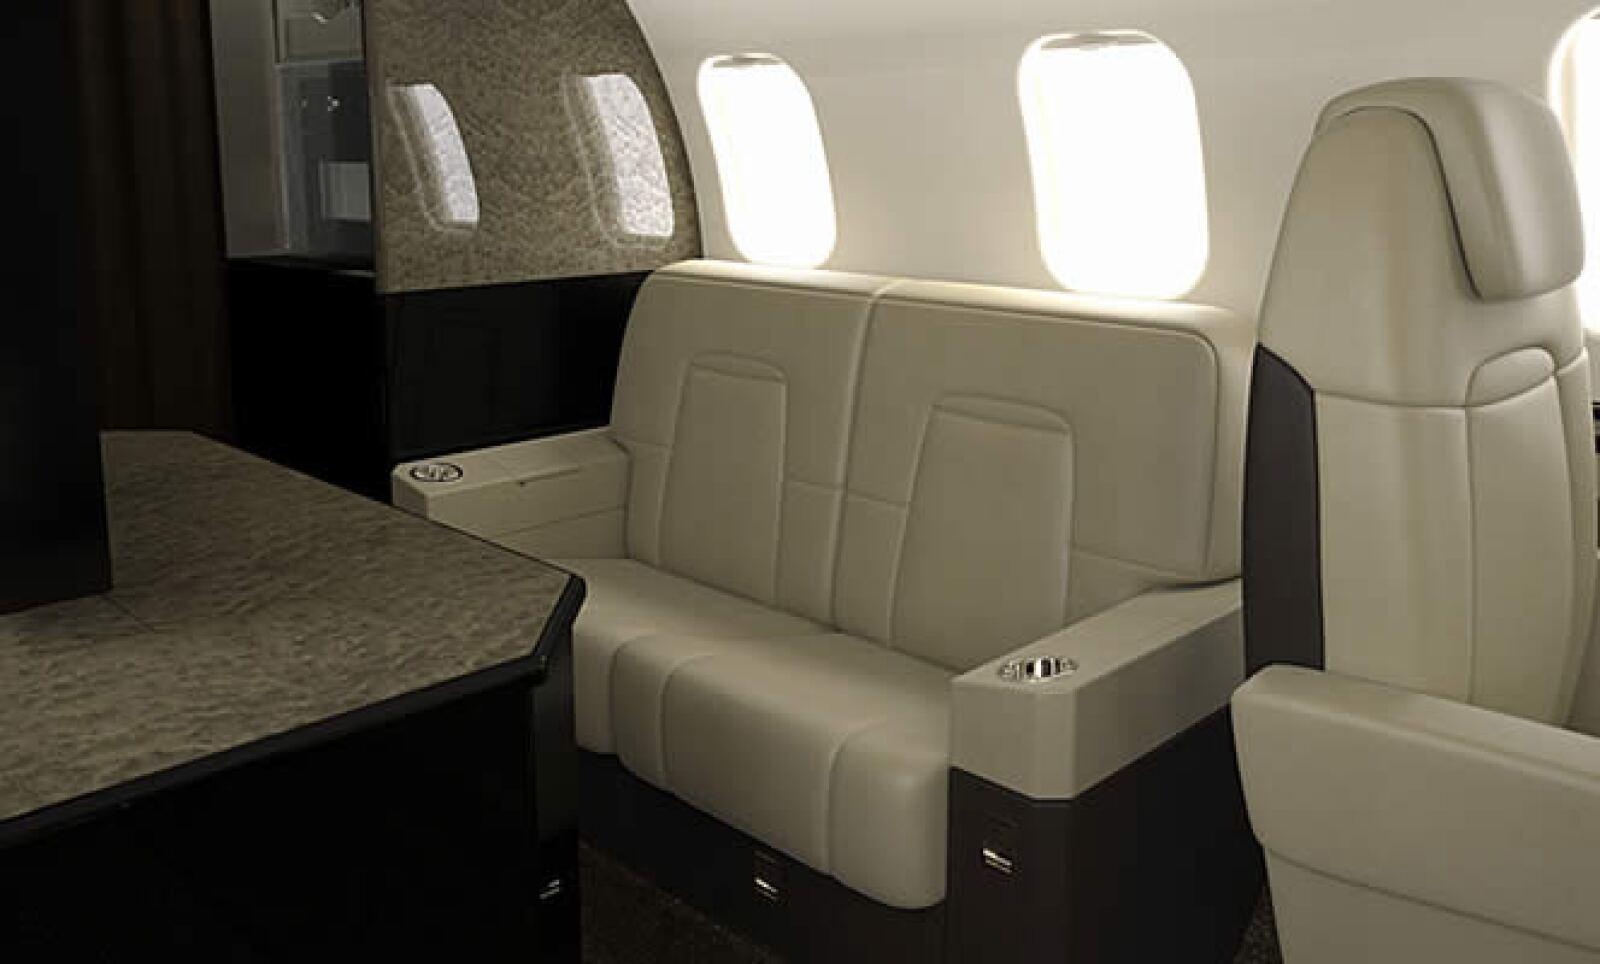 El acomodo de los asientos es variable, hay lugares simples o acomodos especiales según la conveniencia de los pasajeros.